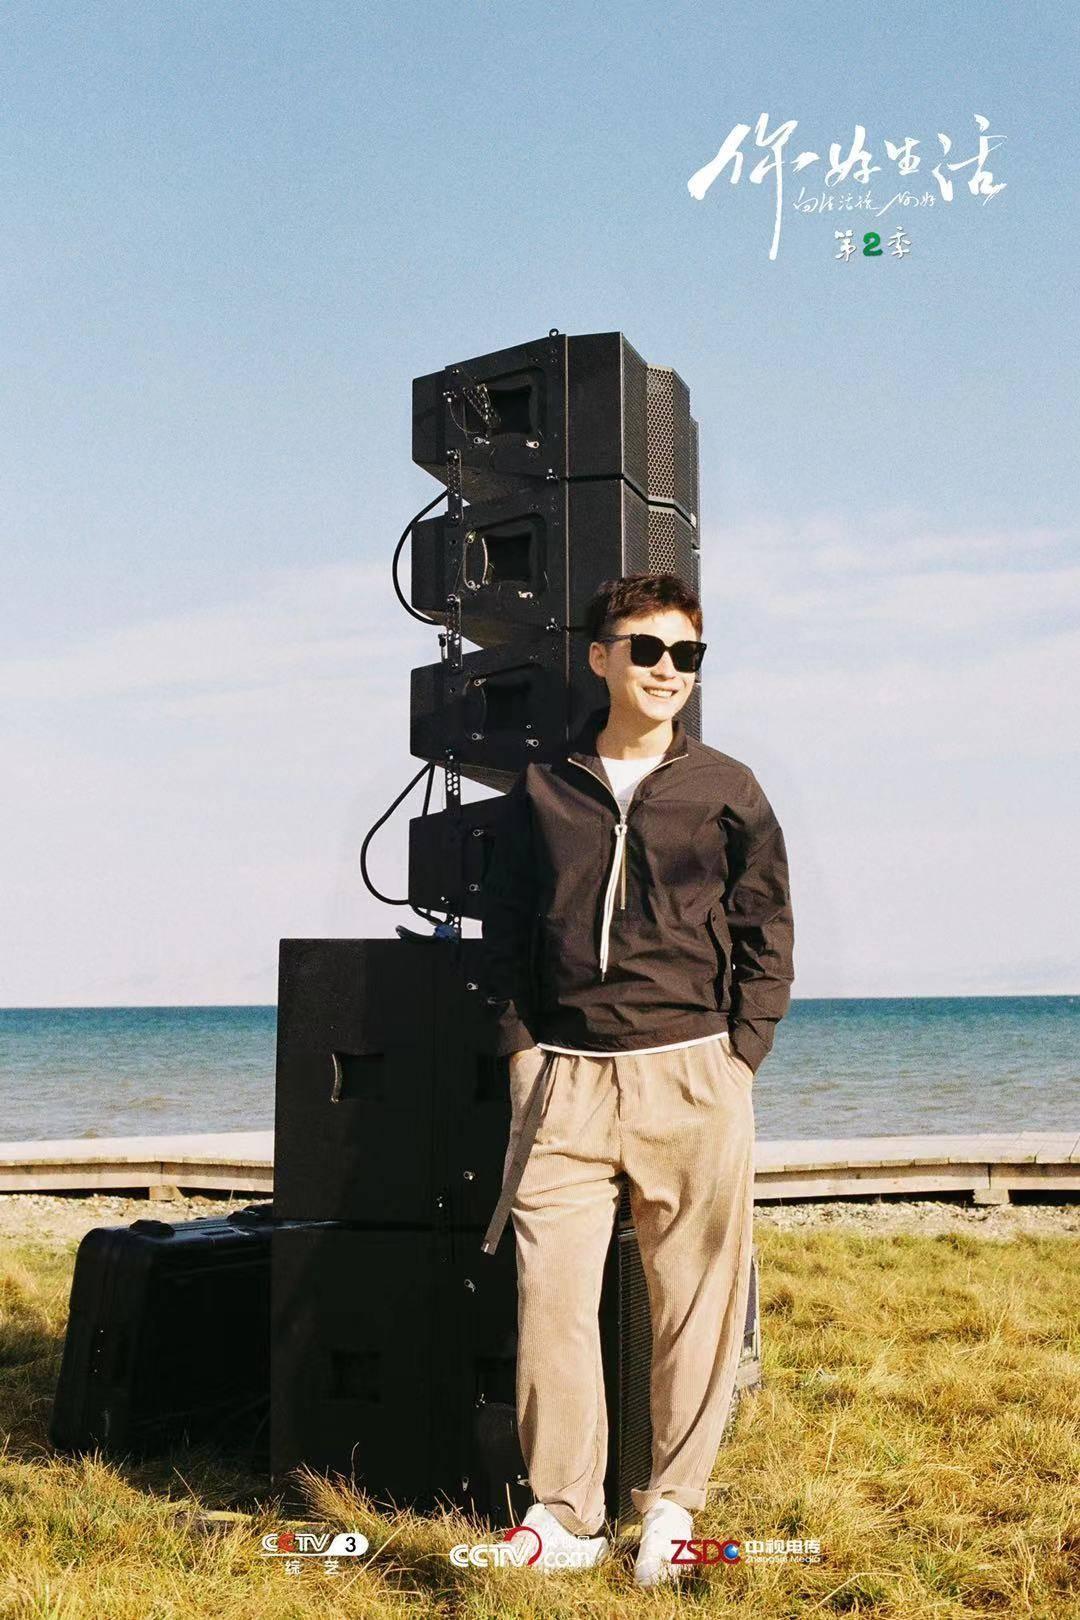 《你好生活》第二季歌手柏松仰望星空为生活而歌